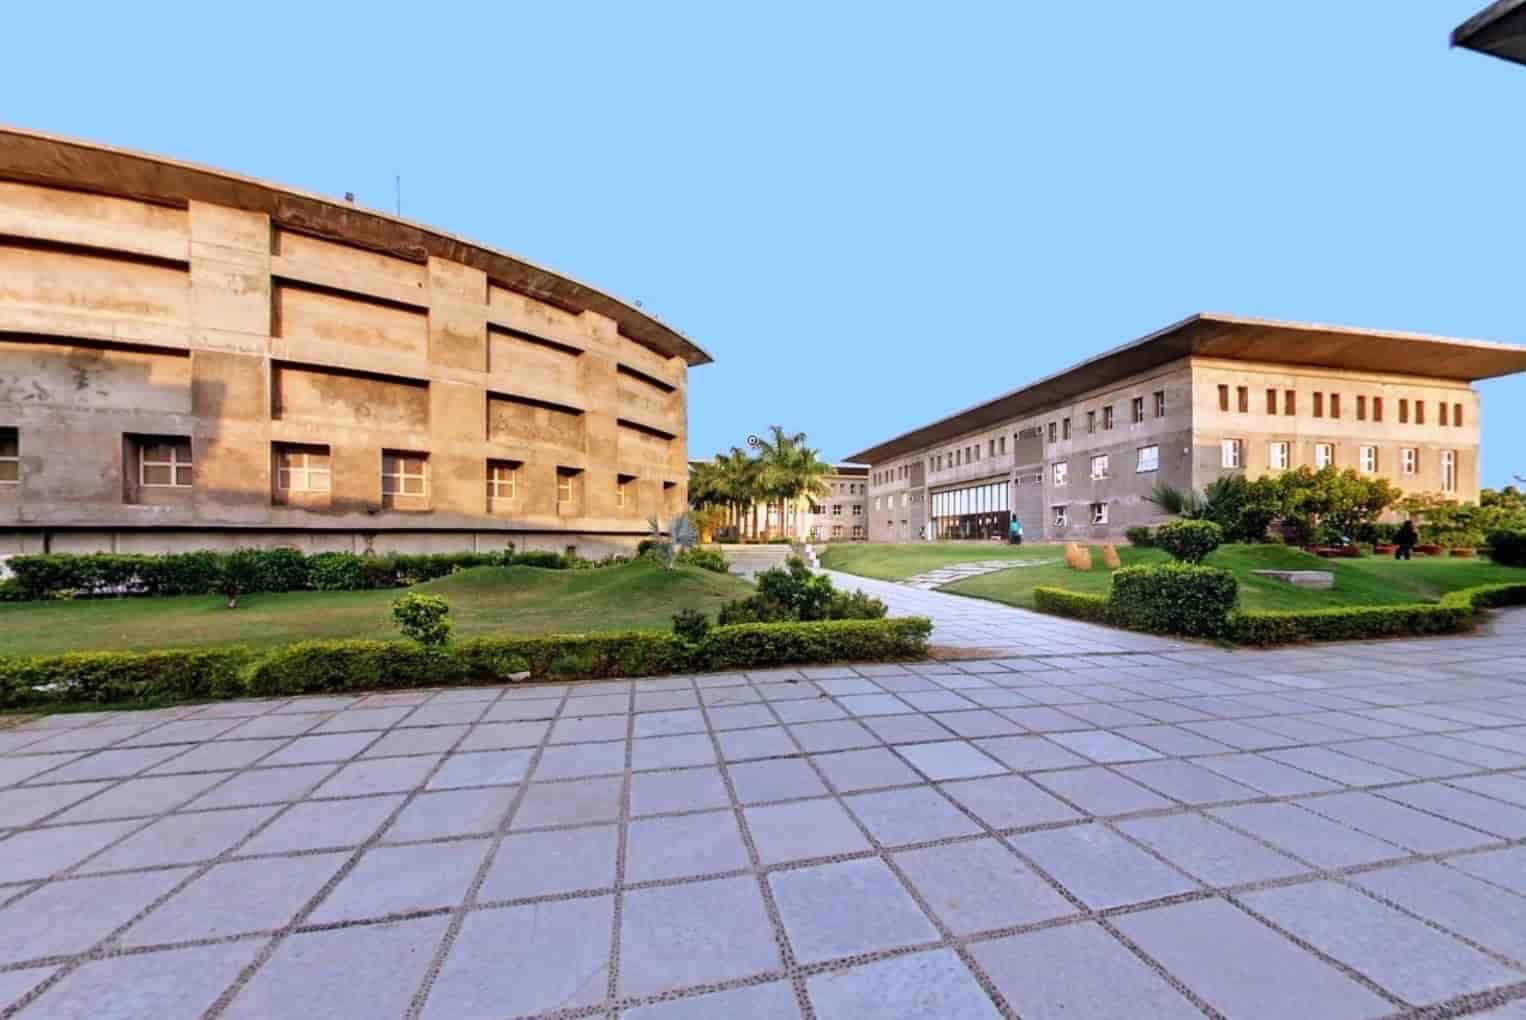 કર્ણાવતી યુનિવર્સિટી યુથ પાર્લામેન્ટ ઓફ ઈન્ડીયા-2018નું આયોજન કરશે